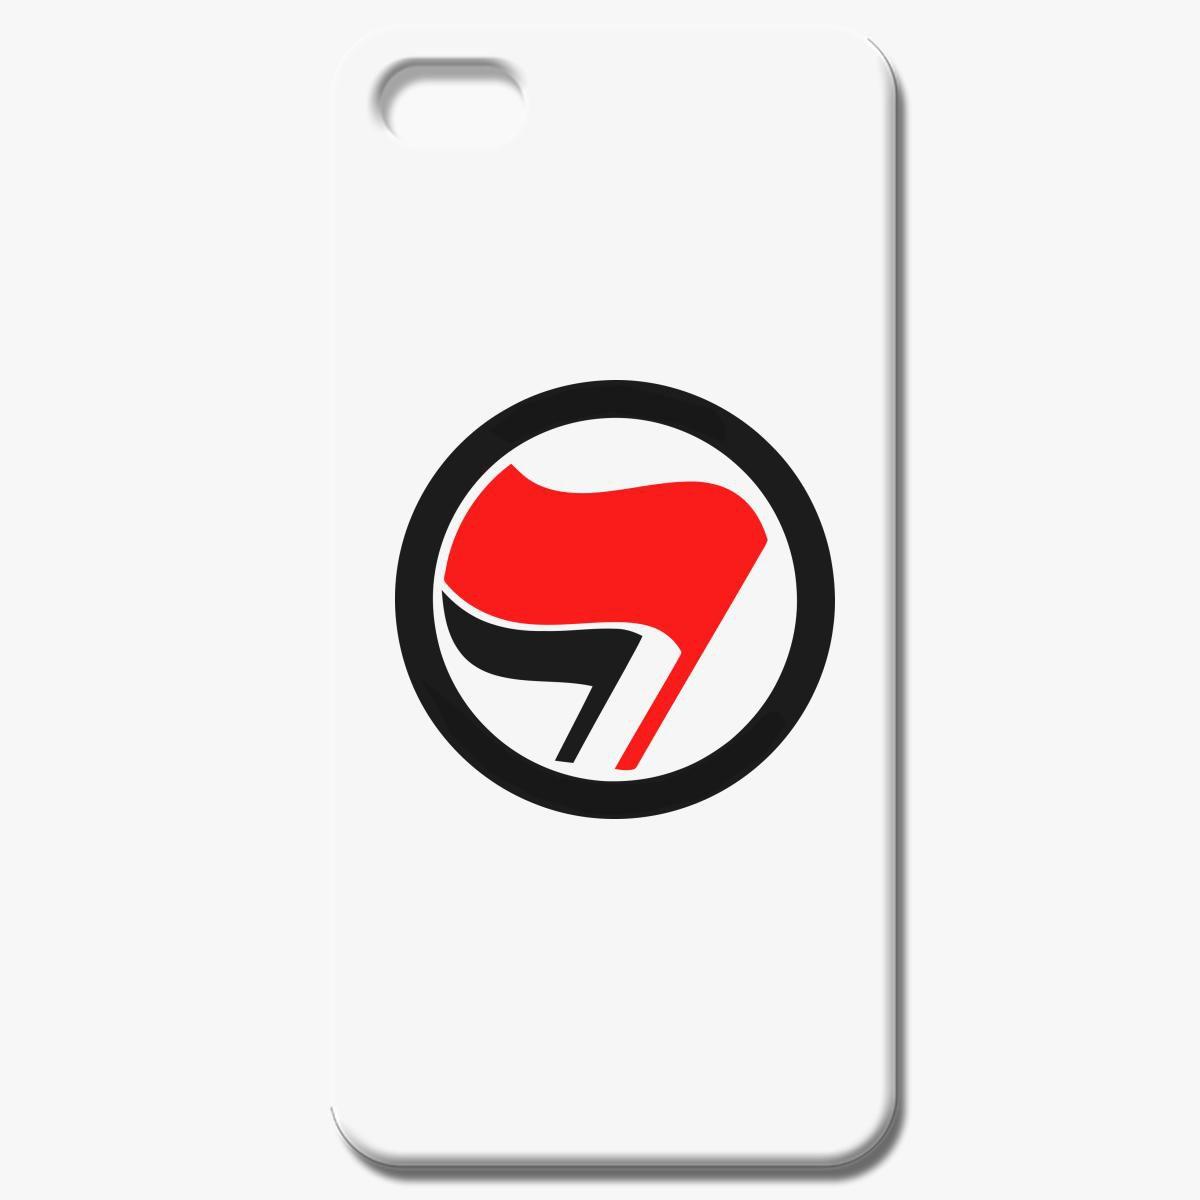 Antifascism Iphone 7 Case